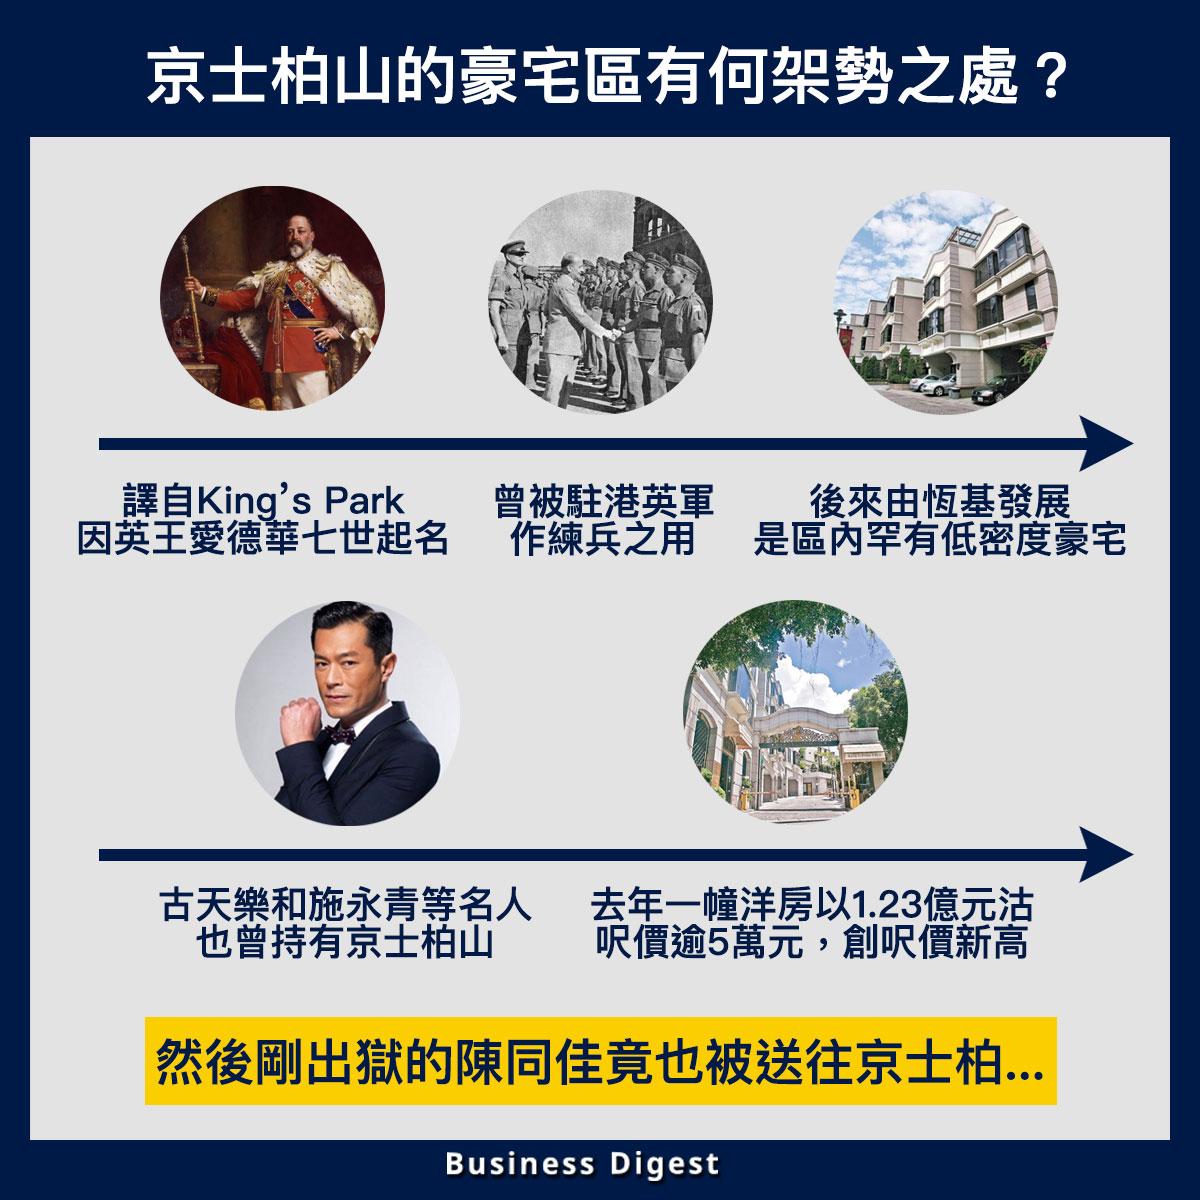 【商業熱話】京士柏山的豪宅區有何架勢之處?